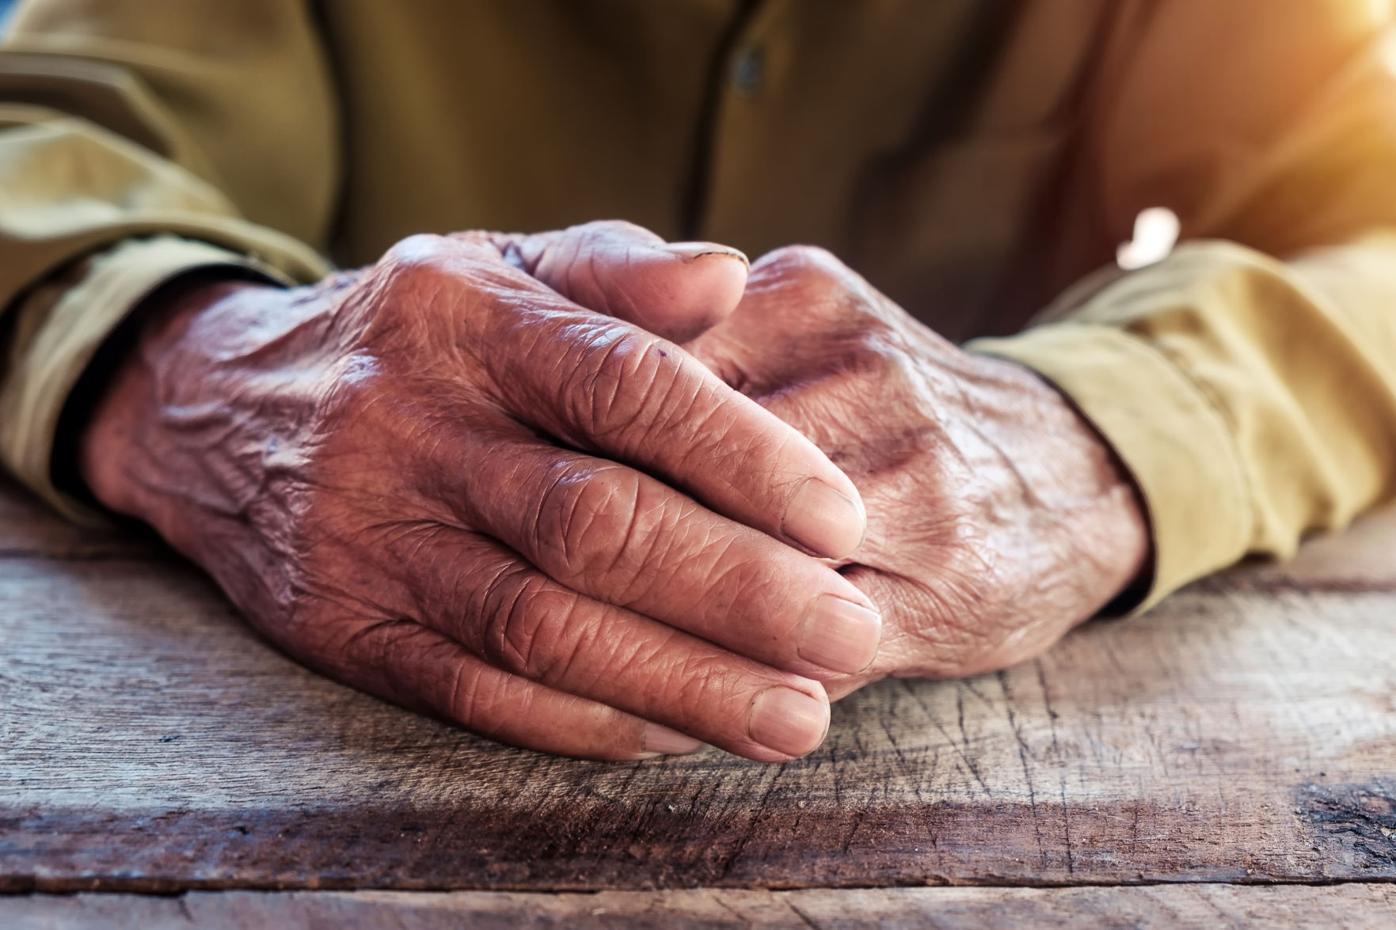 Elder's hands